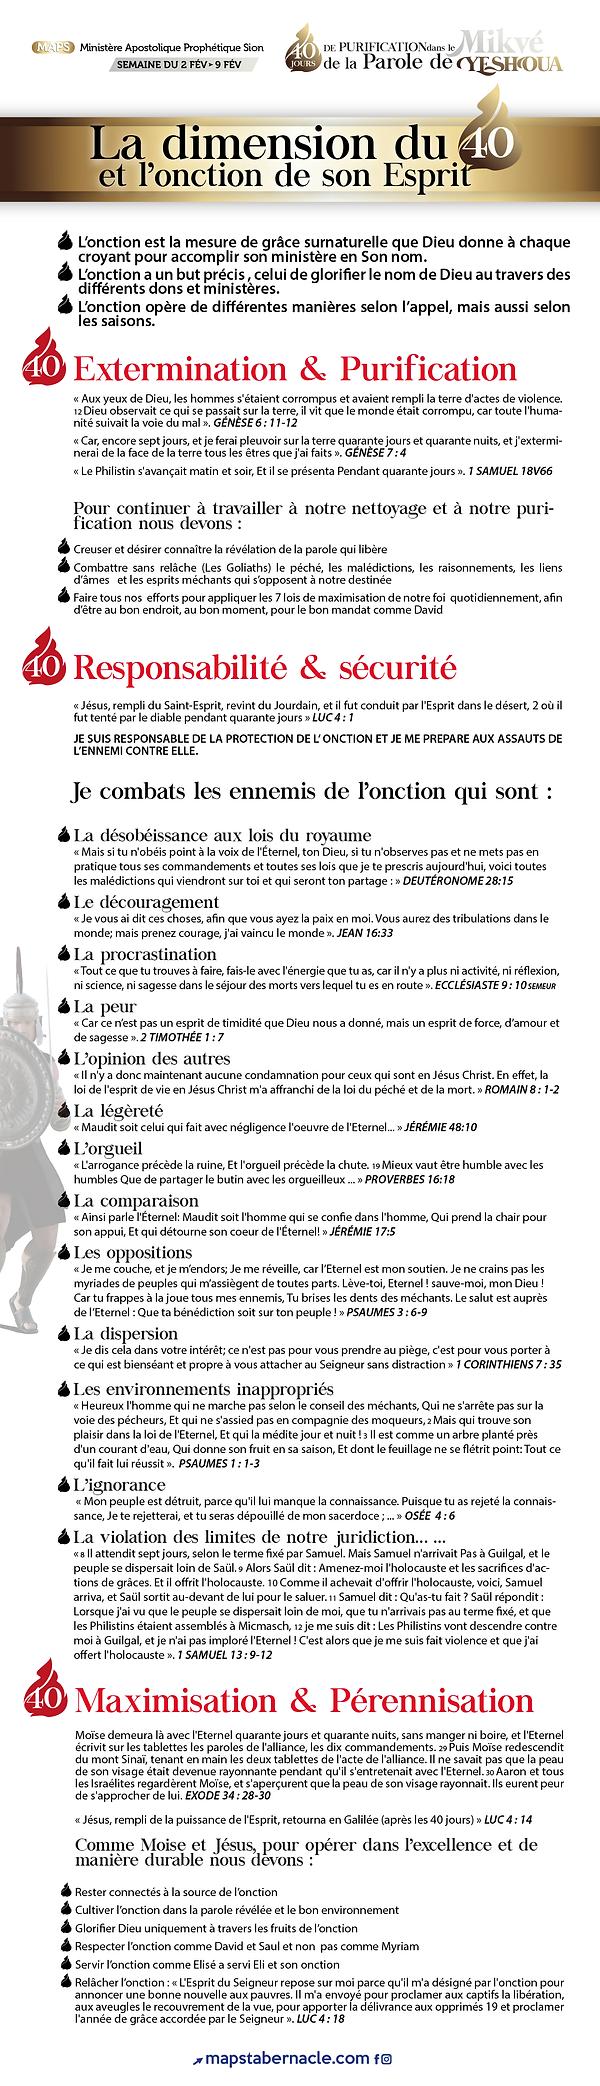 MAPS_40 JOURS DE PURIFICATION_S5_FULL.pn